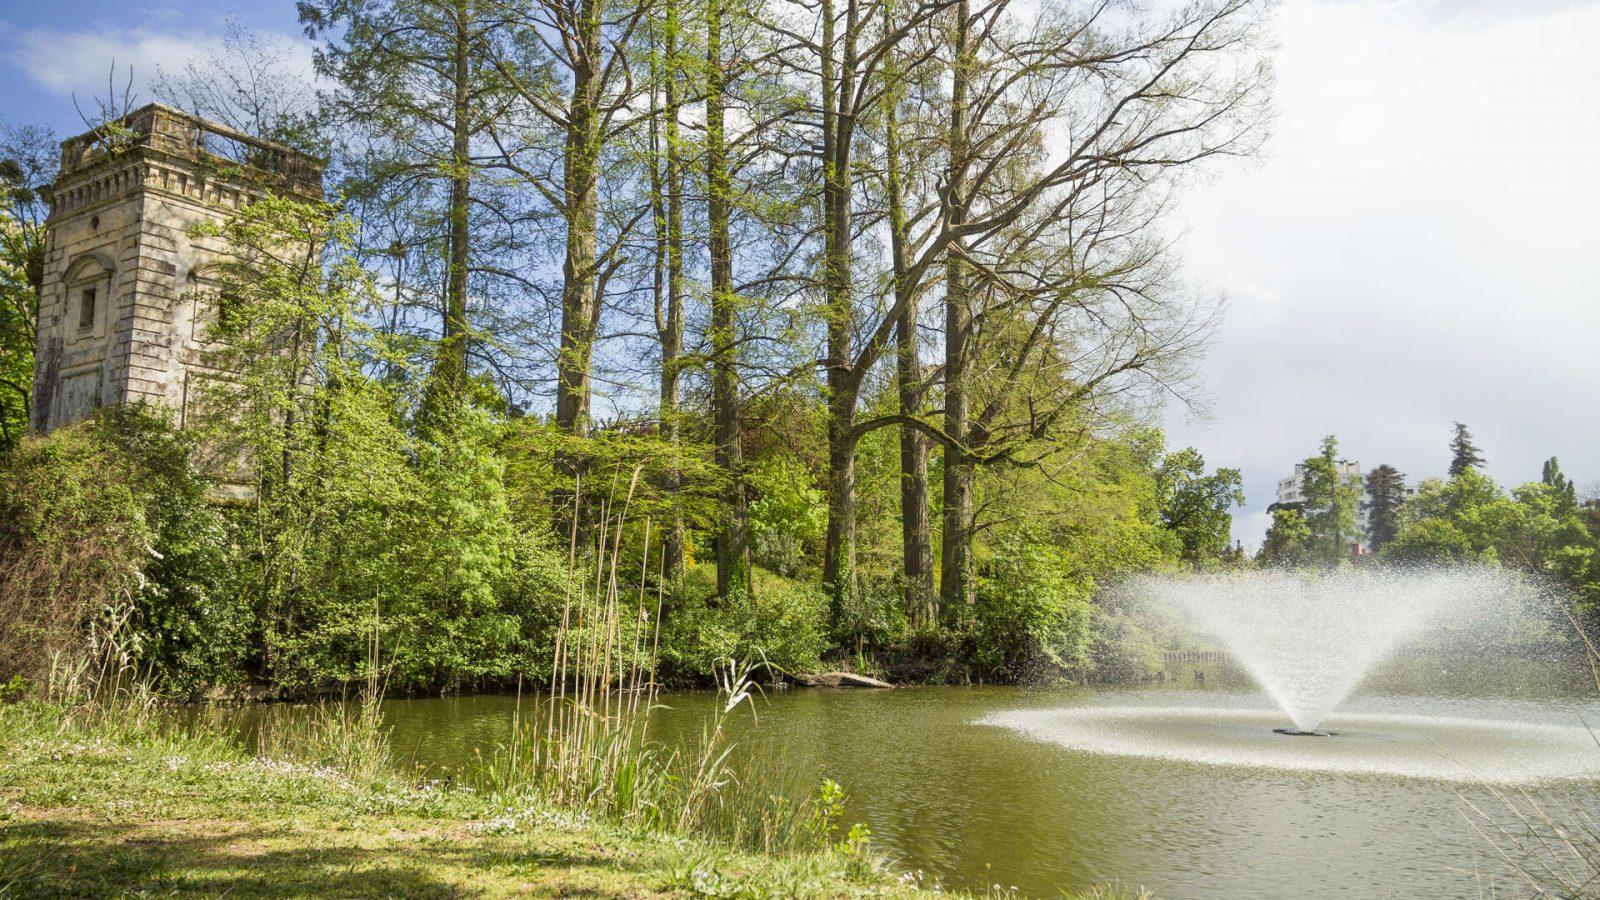 Parc-de-Bourran-Sebastien-Huruguen-Ville-de-Merignac-2